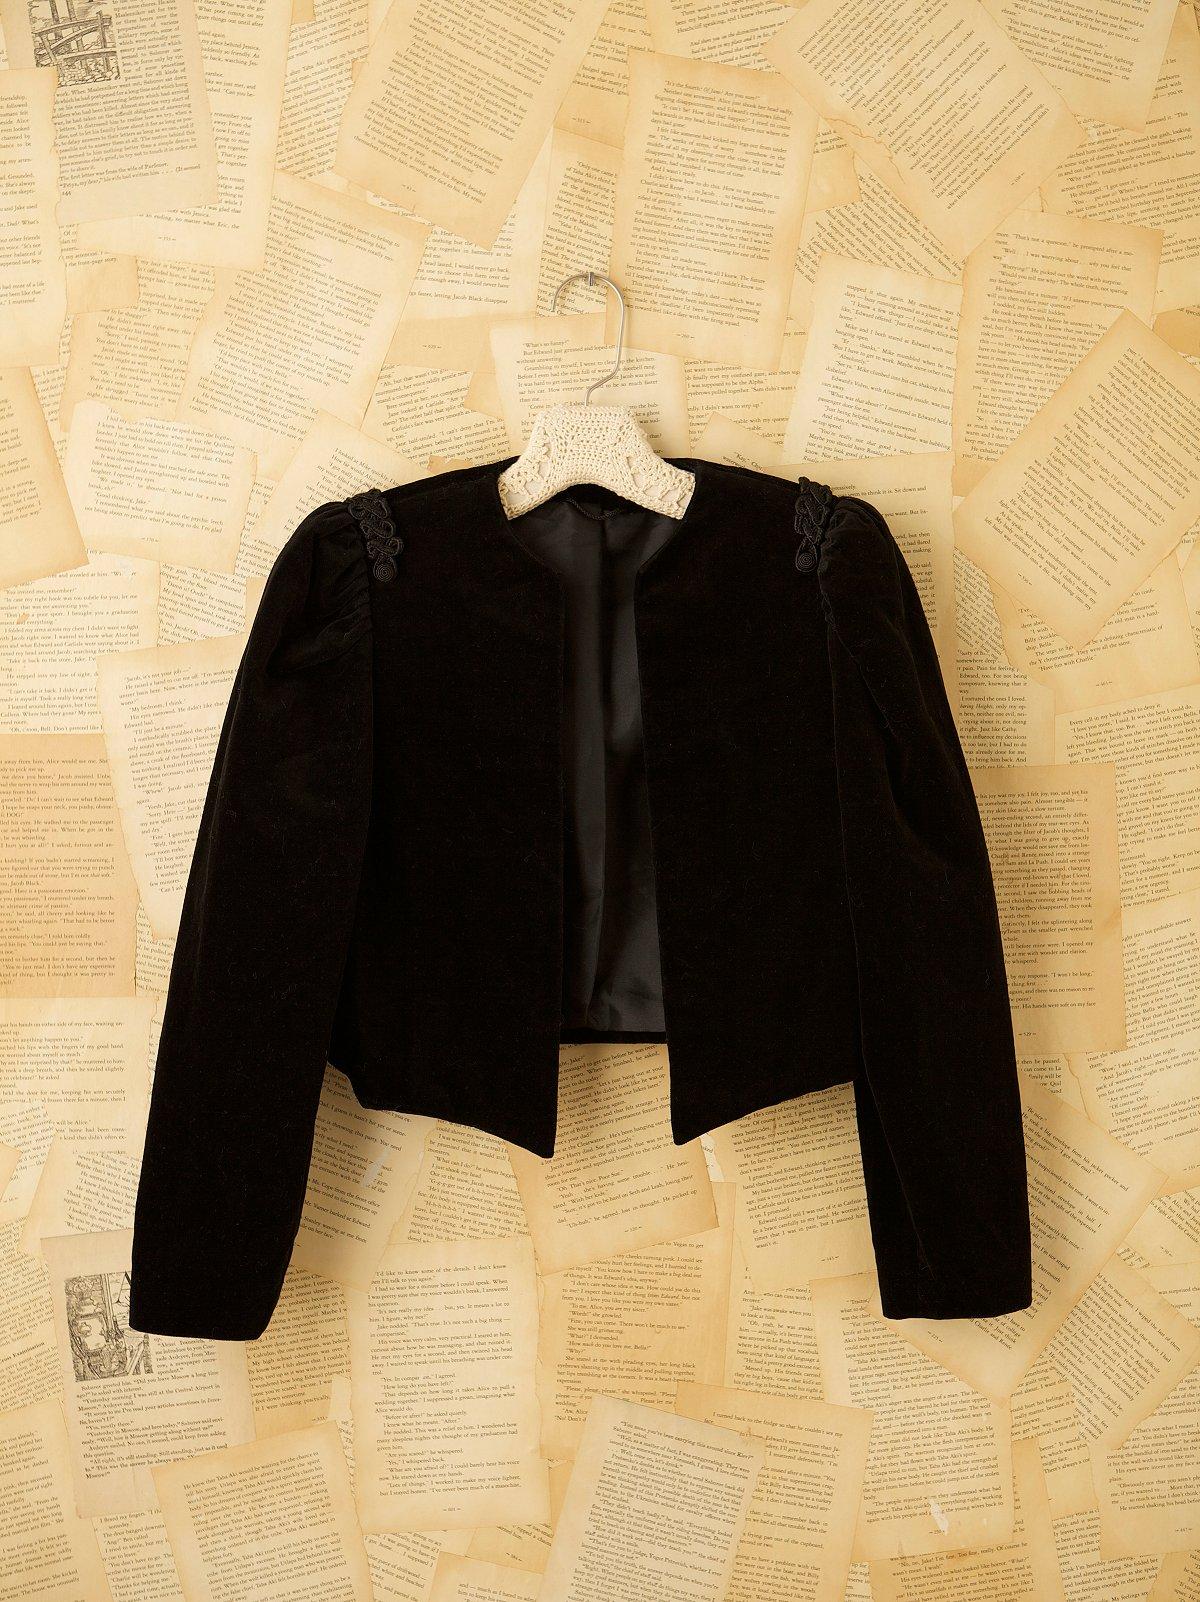 Vintage Women's Blazer